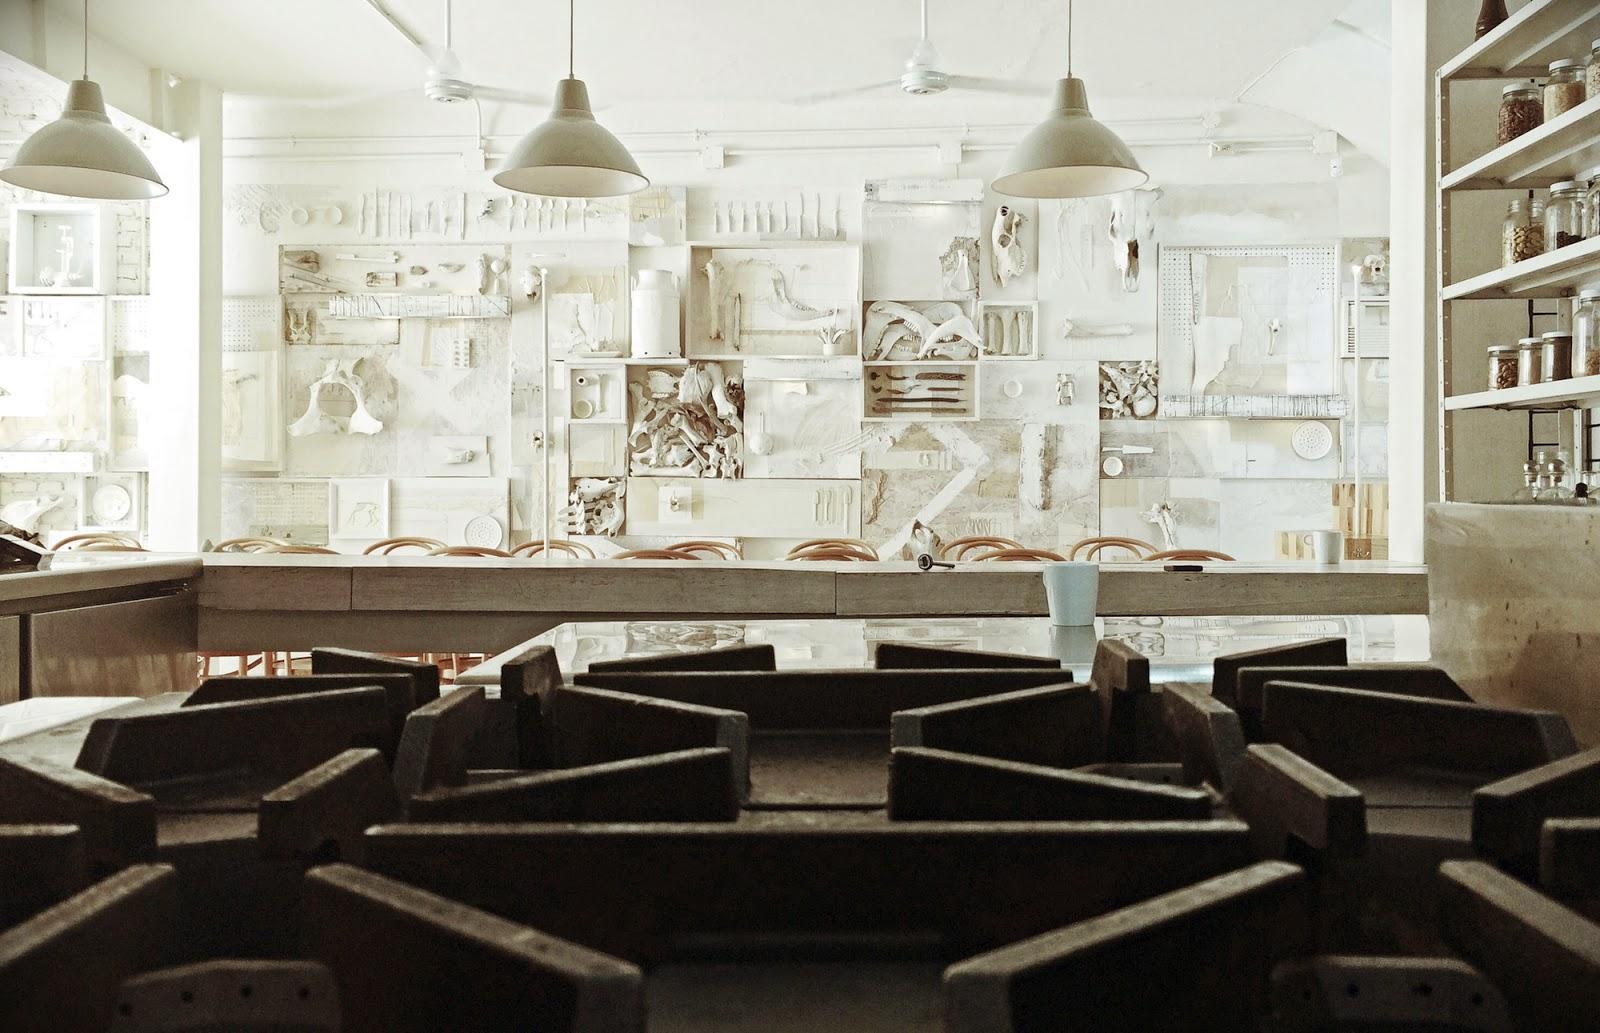 gaya-interior-dan-dekorasi-unik-ribuan-tulang-hewan-di-rumah-makan-Hueso-017